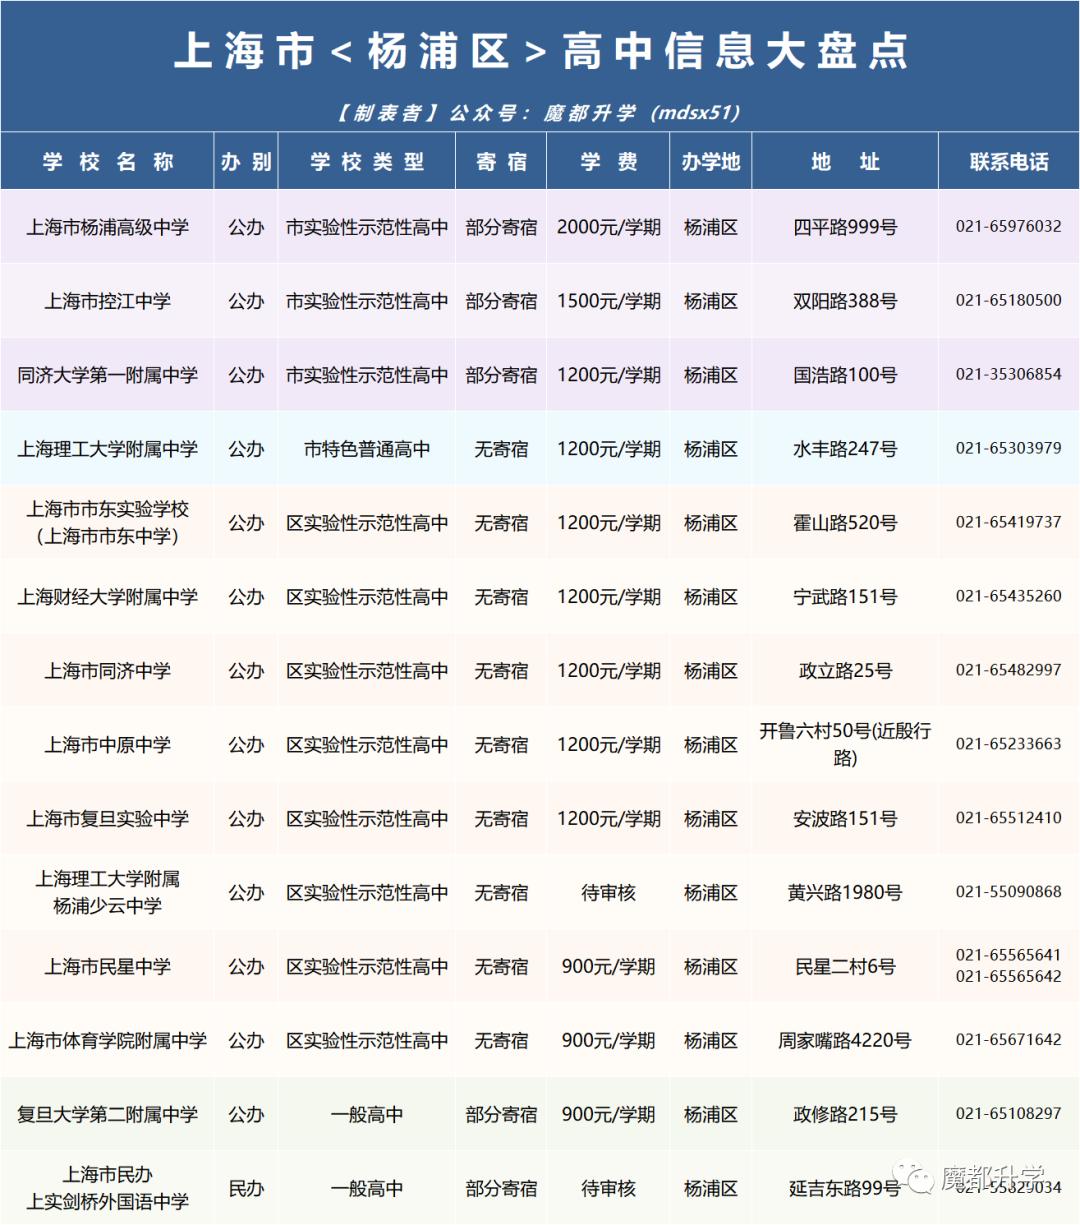 上海246所高中<学费&住宿>汇总!